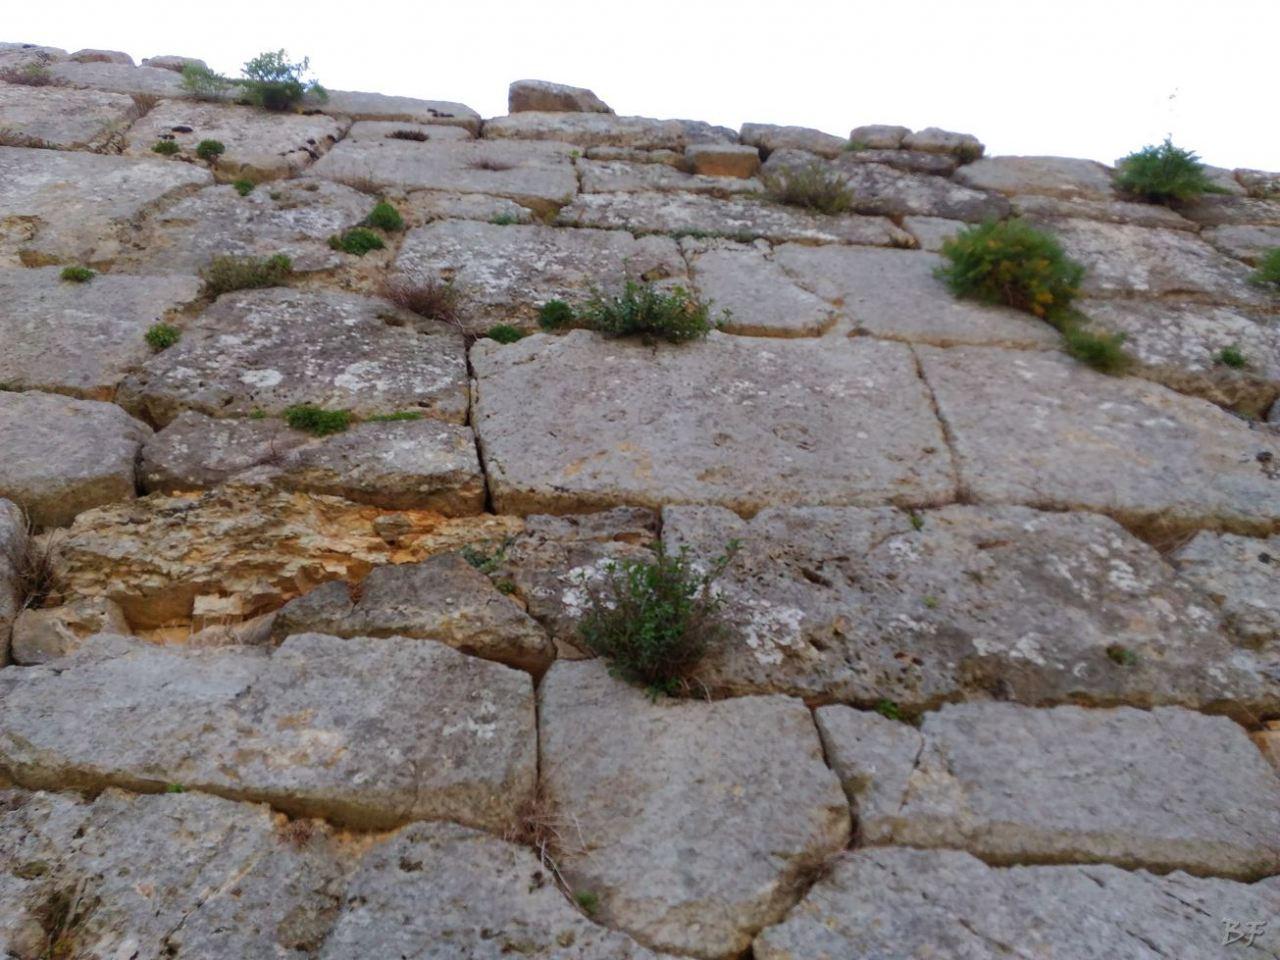 Norba-Mura-Megalitiche-Poligonali-Latina-Lazio-Italia-8